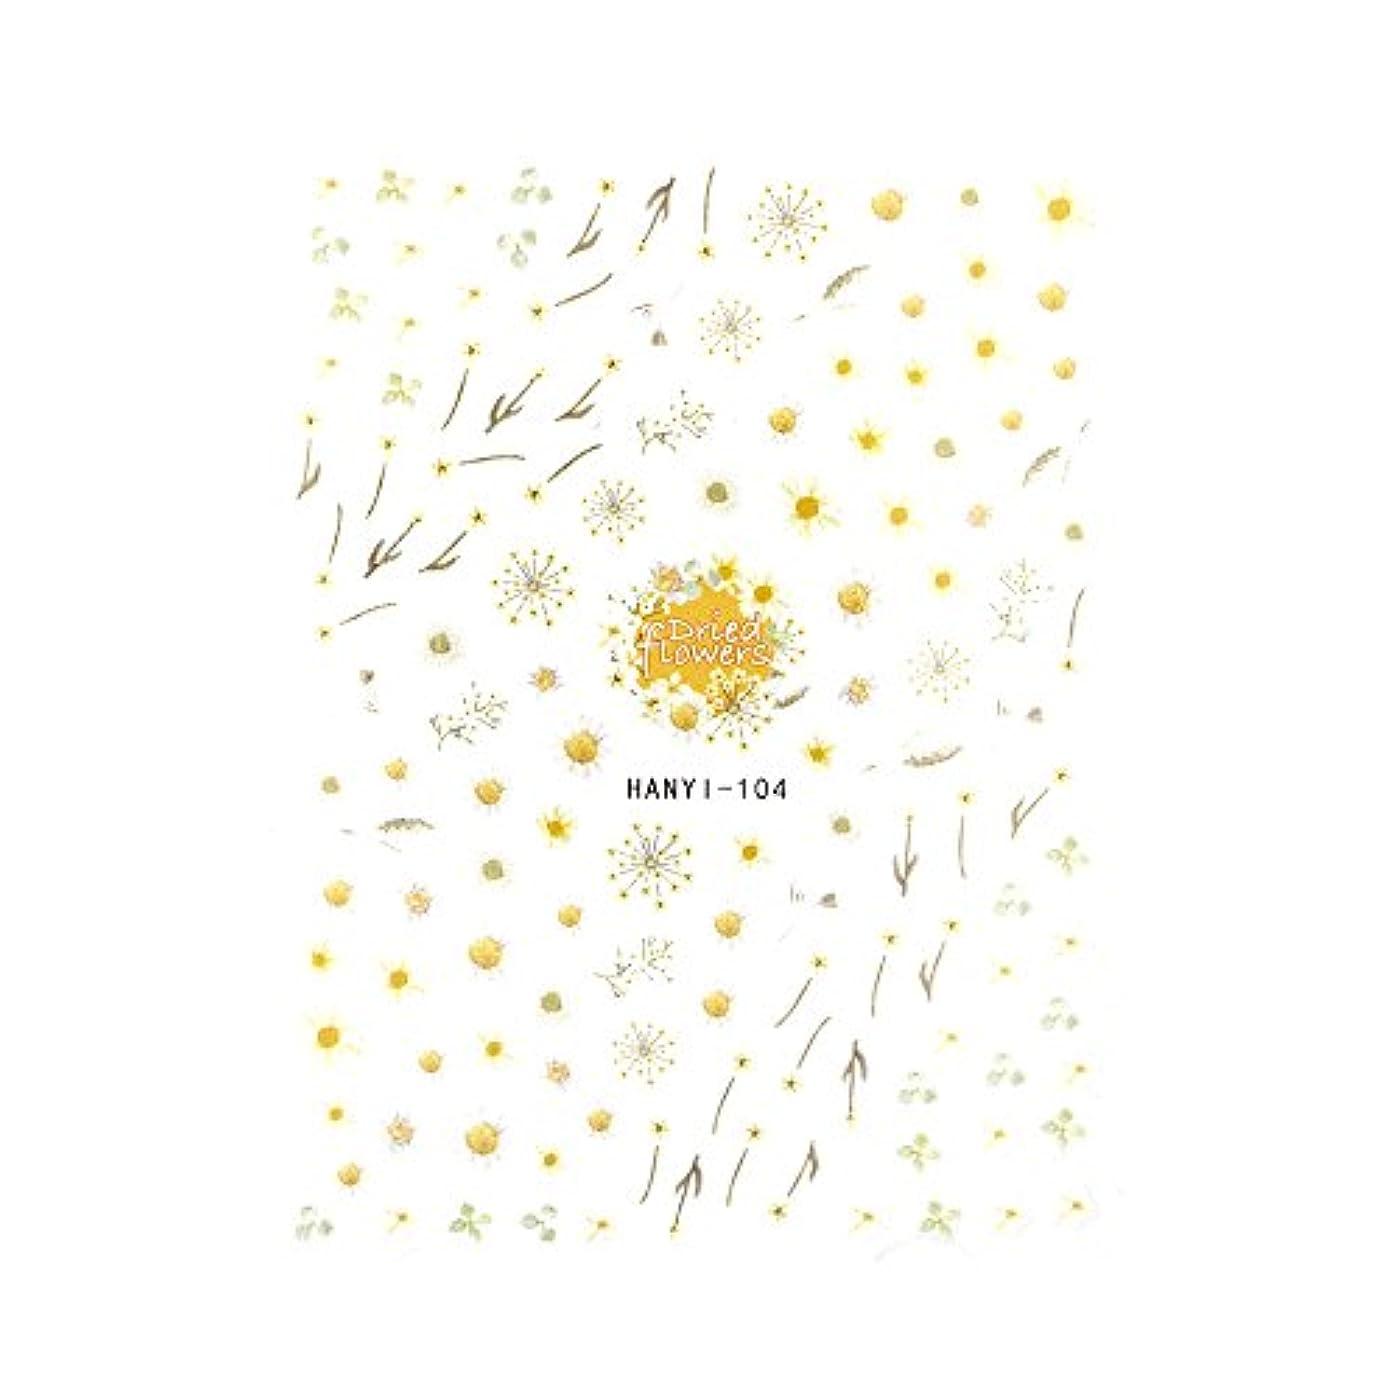 木製法廷削る【HANYI-104】アイボリードライフラワーシール ドライフラワーネイル 花柄ネイル フルール 春ネイル ニュアンスネイル 押し花